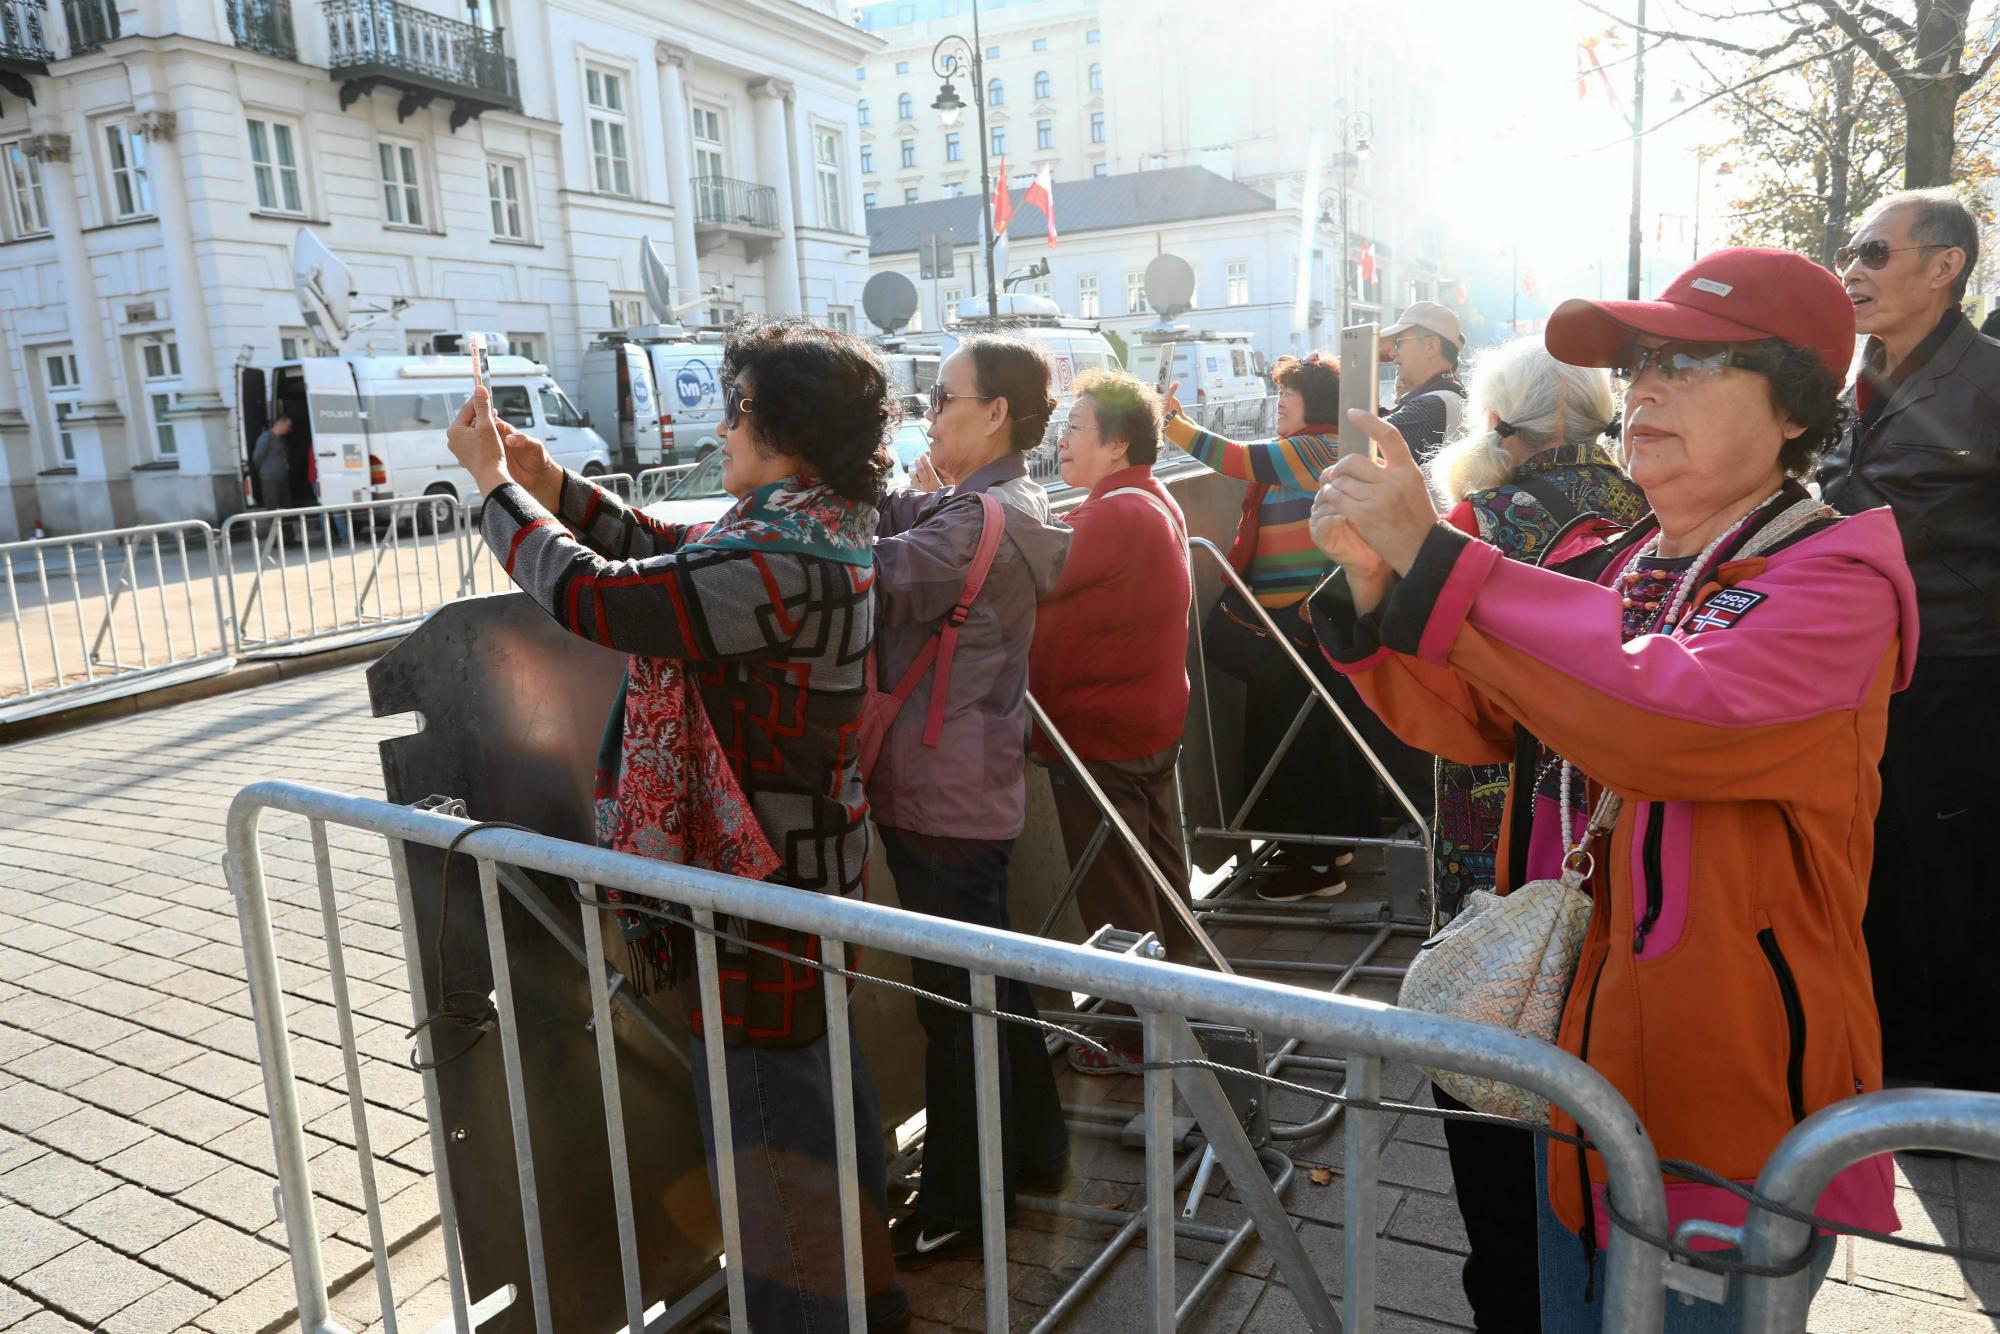 Rok 2017. Turyści przed Pałacem Prezydenckim w Warszawie (fot: Sławomir Kamiński/Agencja Gazeta)